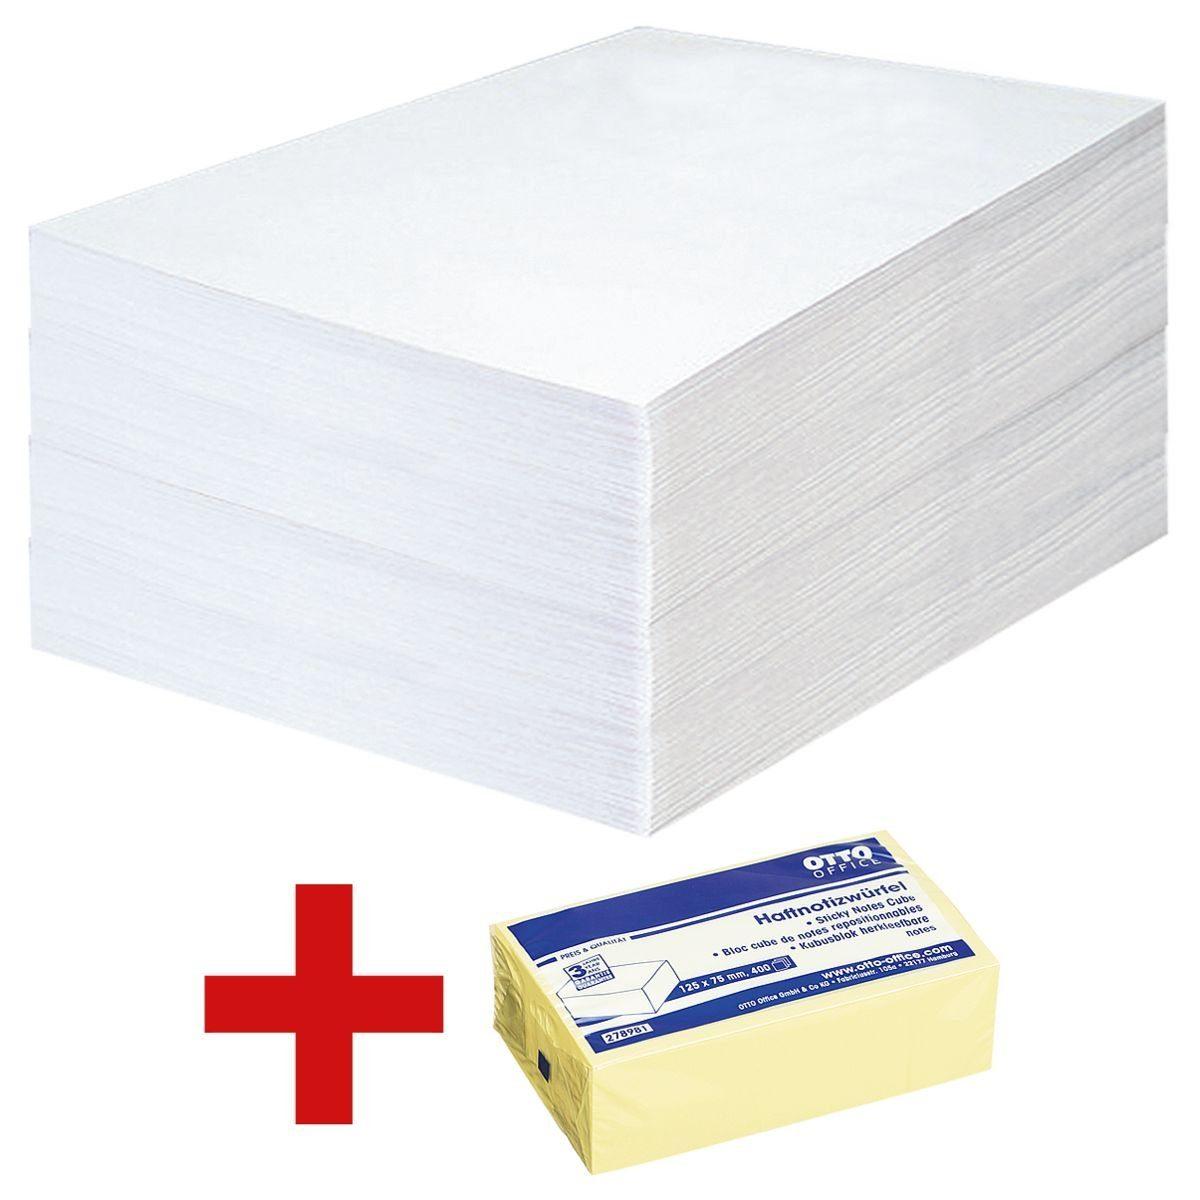 OTTOOFFICE STANDARD 500 Versandtaschen B5 inkl. Haftnotizwürfel 1 Set